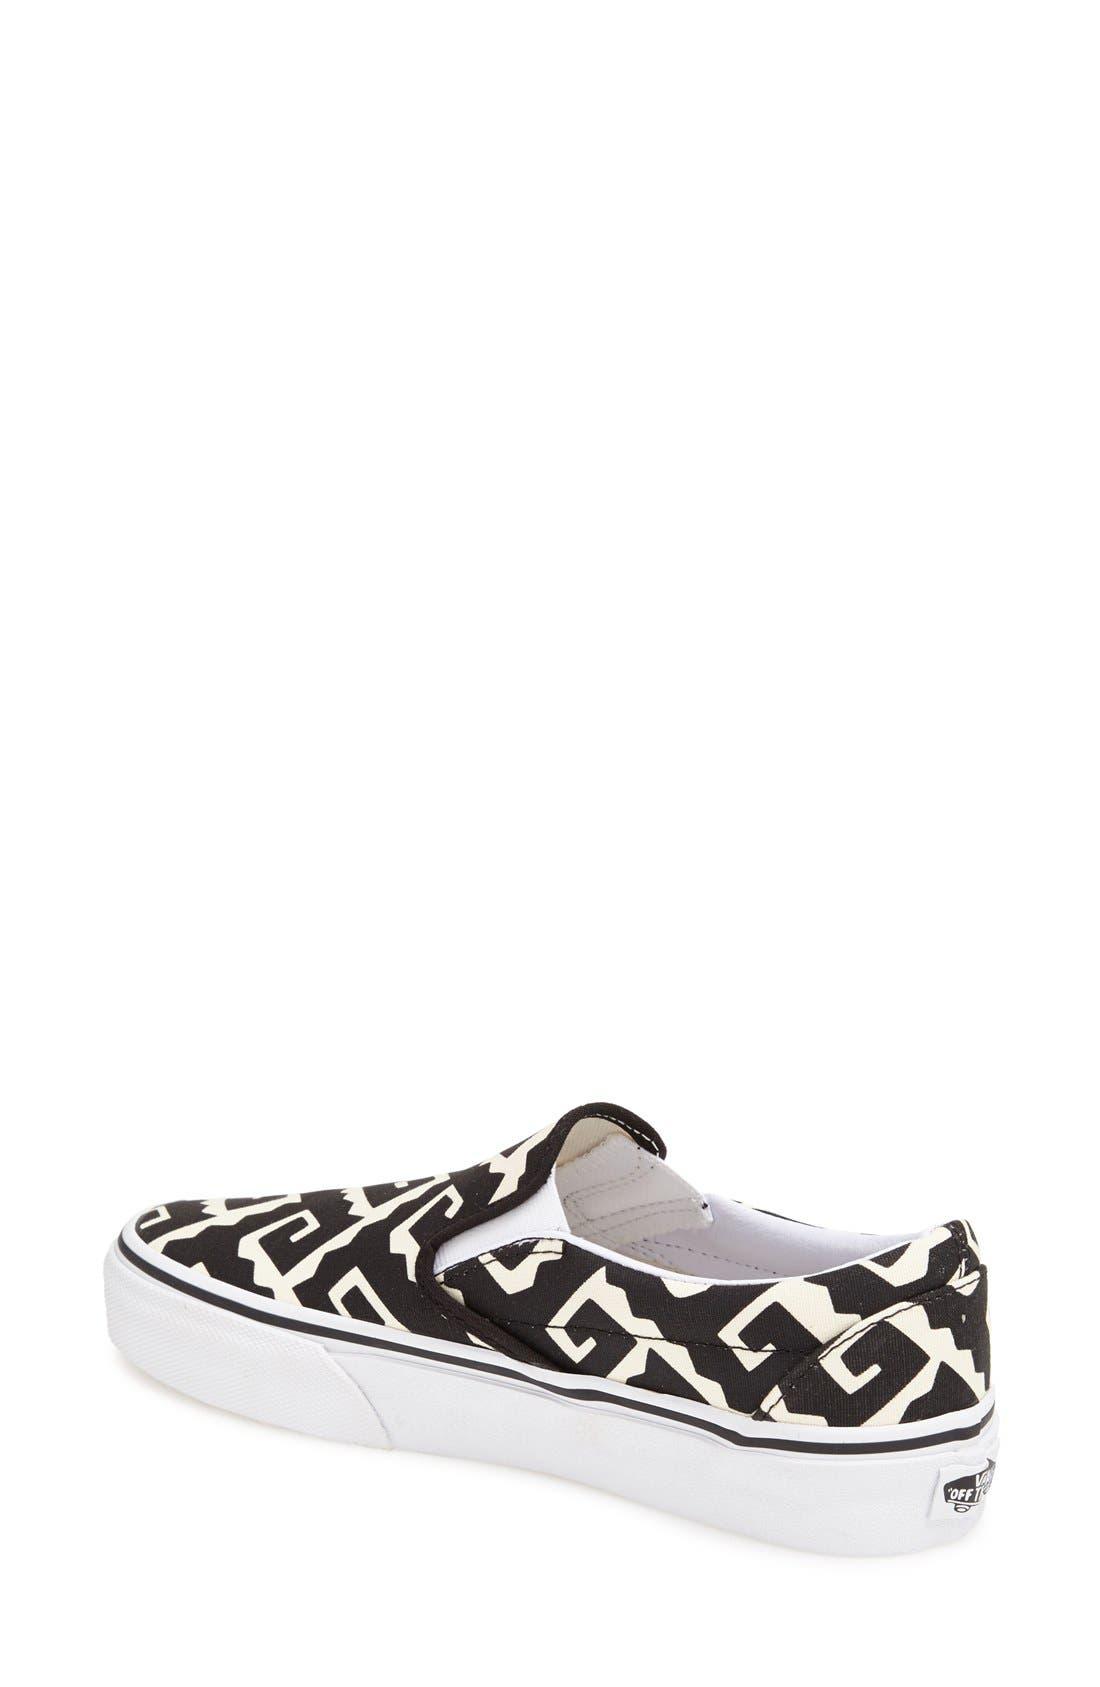 Alternate Image 2  - Vans 'Van Doren - Classic' Slip-On Sneaker (Women)